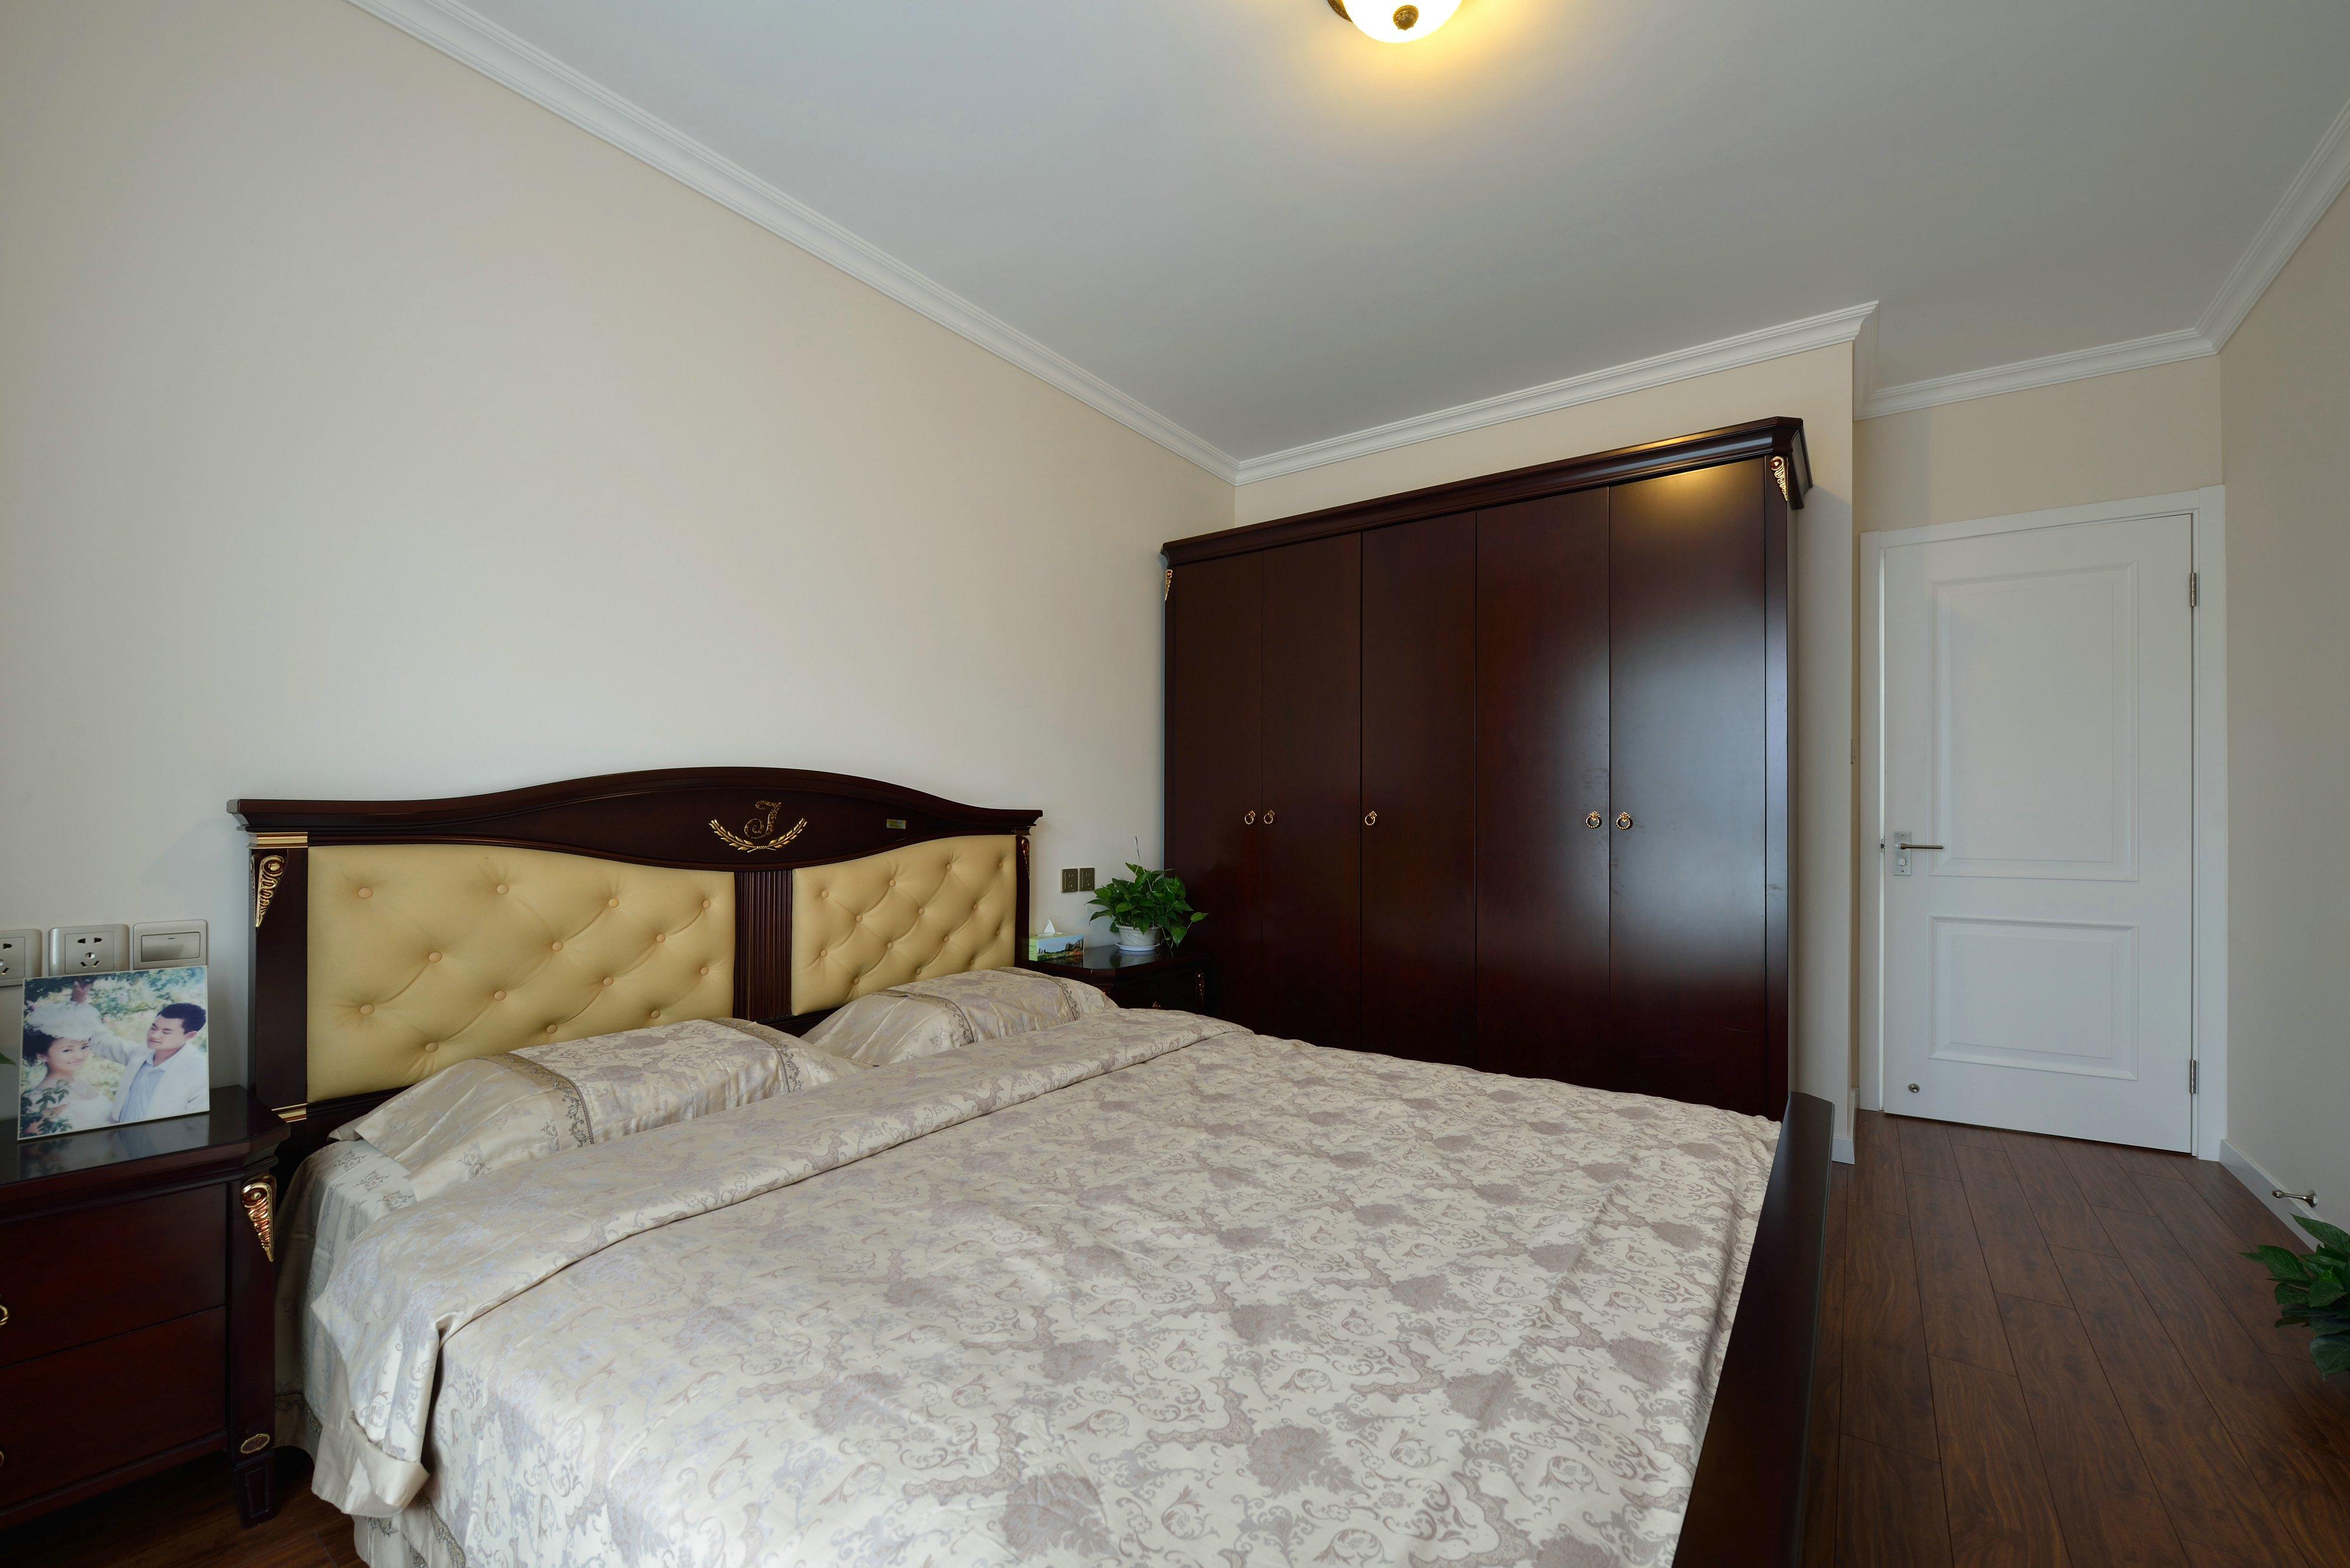 三居 卧室图片来自金煌装饰有限公司在没有吊顶的简欧风格的分享